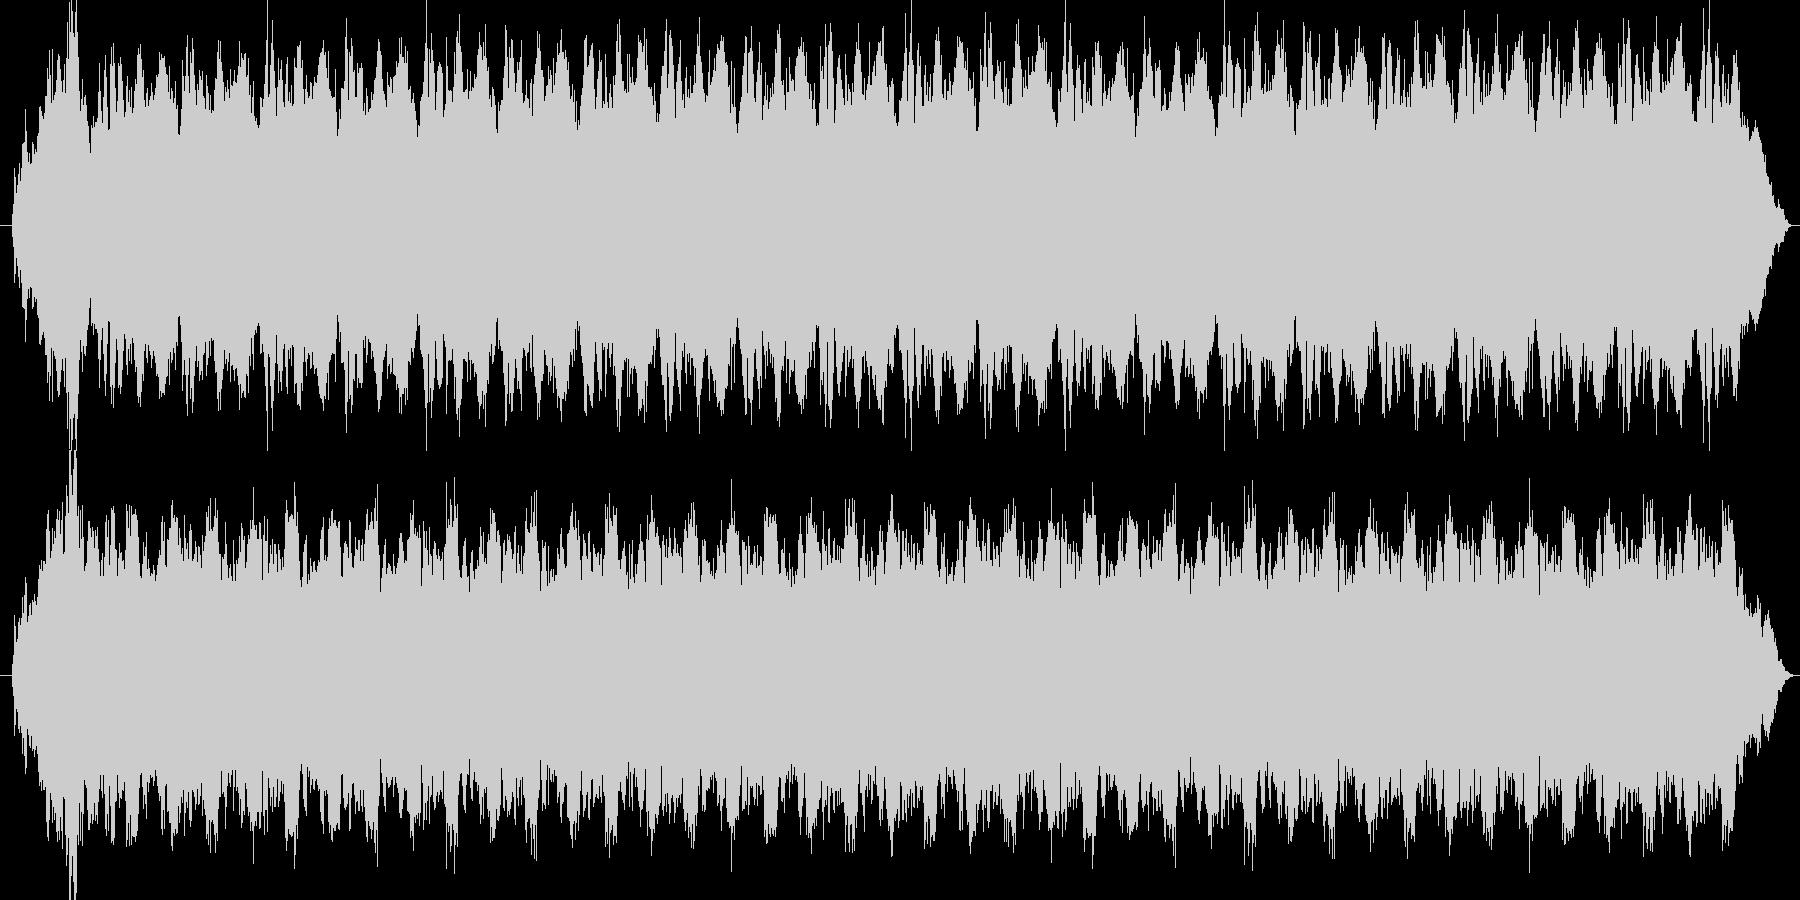 歯医者の嫌な音の未再生の波形